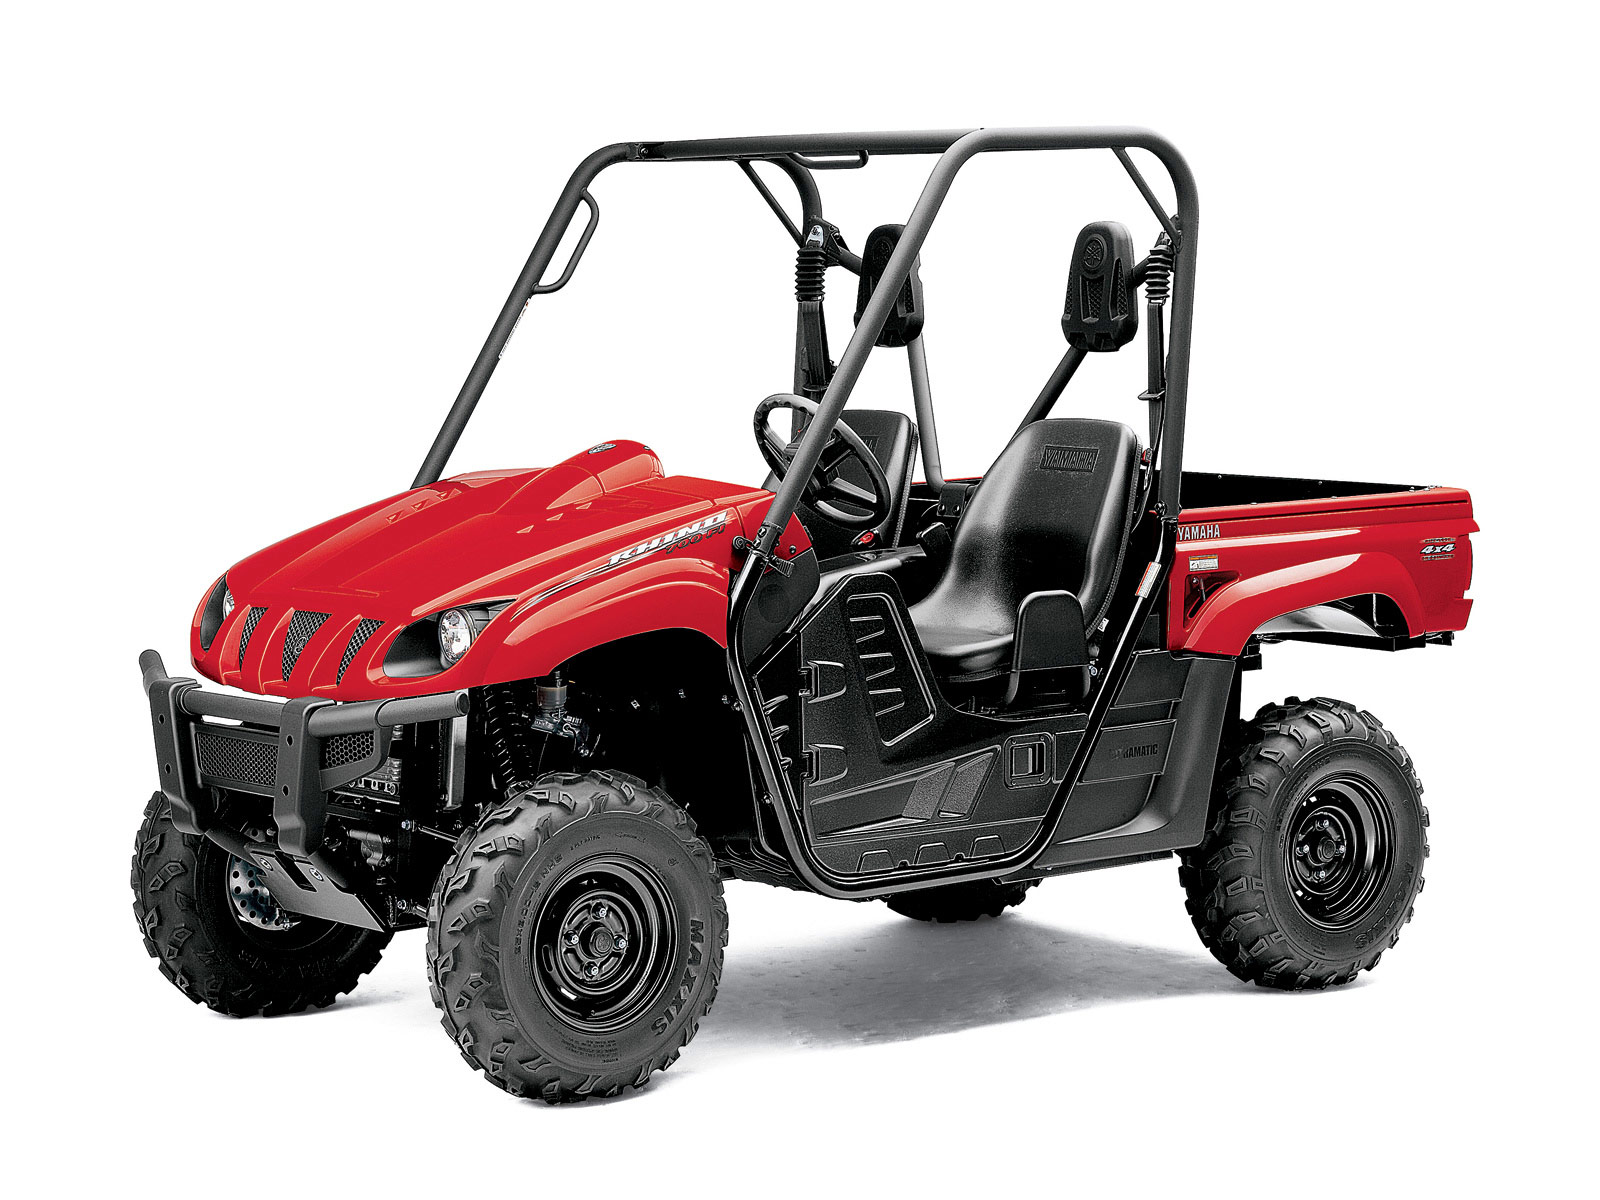 Rhino 700 fi auto 4x4 2012 yamaha atv specifications for New yamaha utv